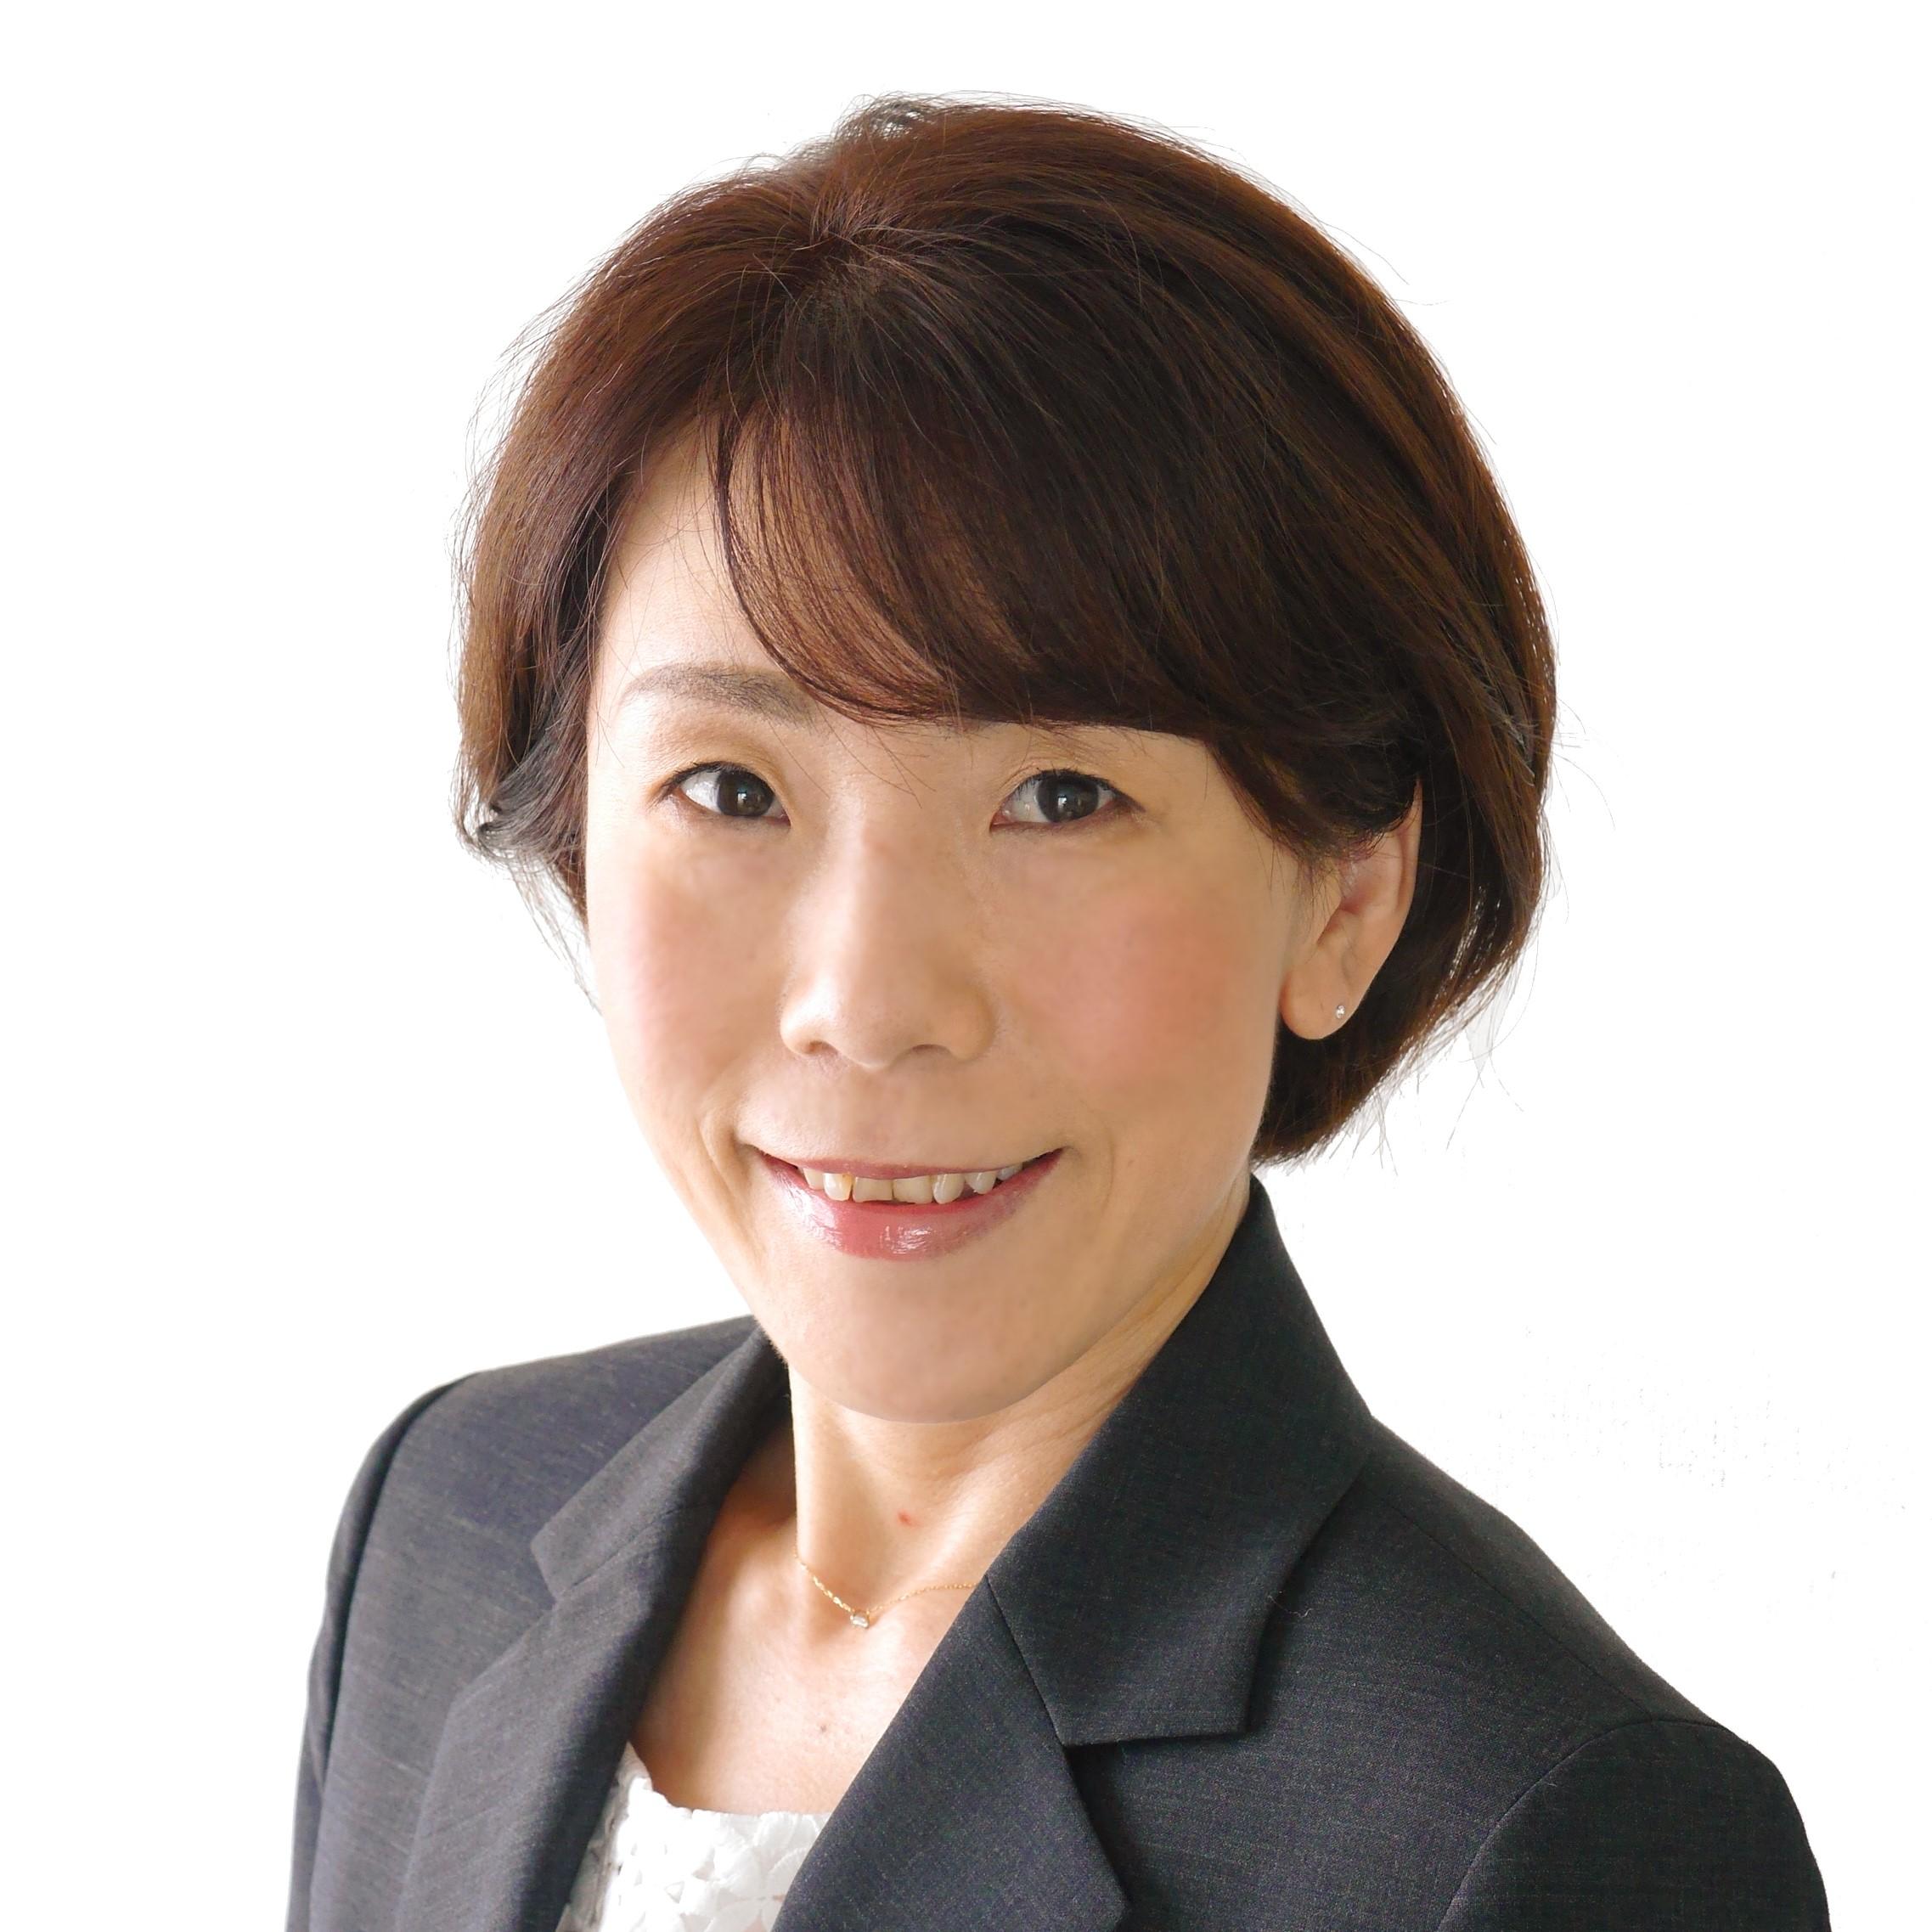 渡辺 佳奈子